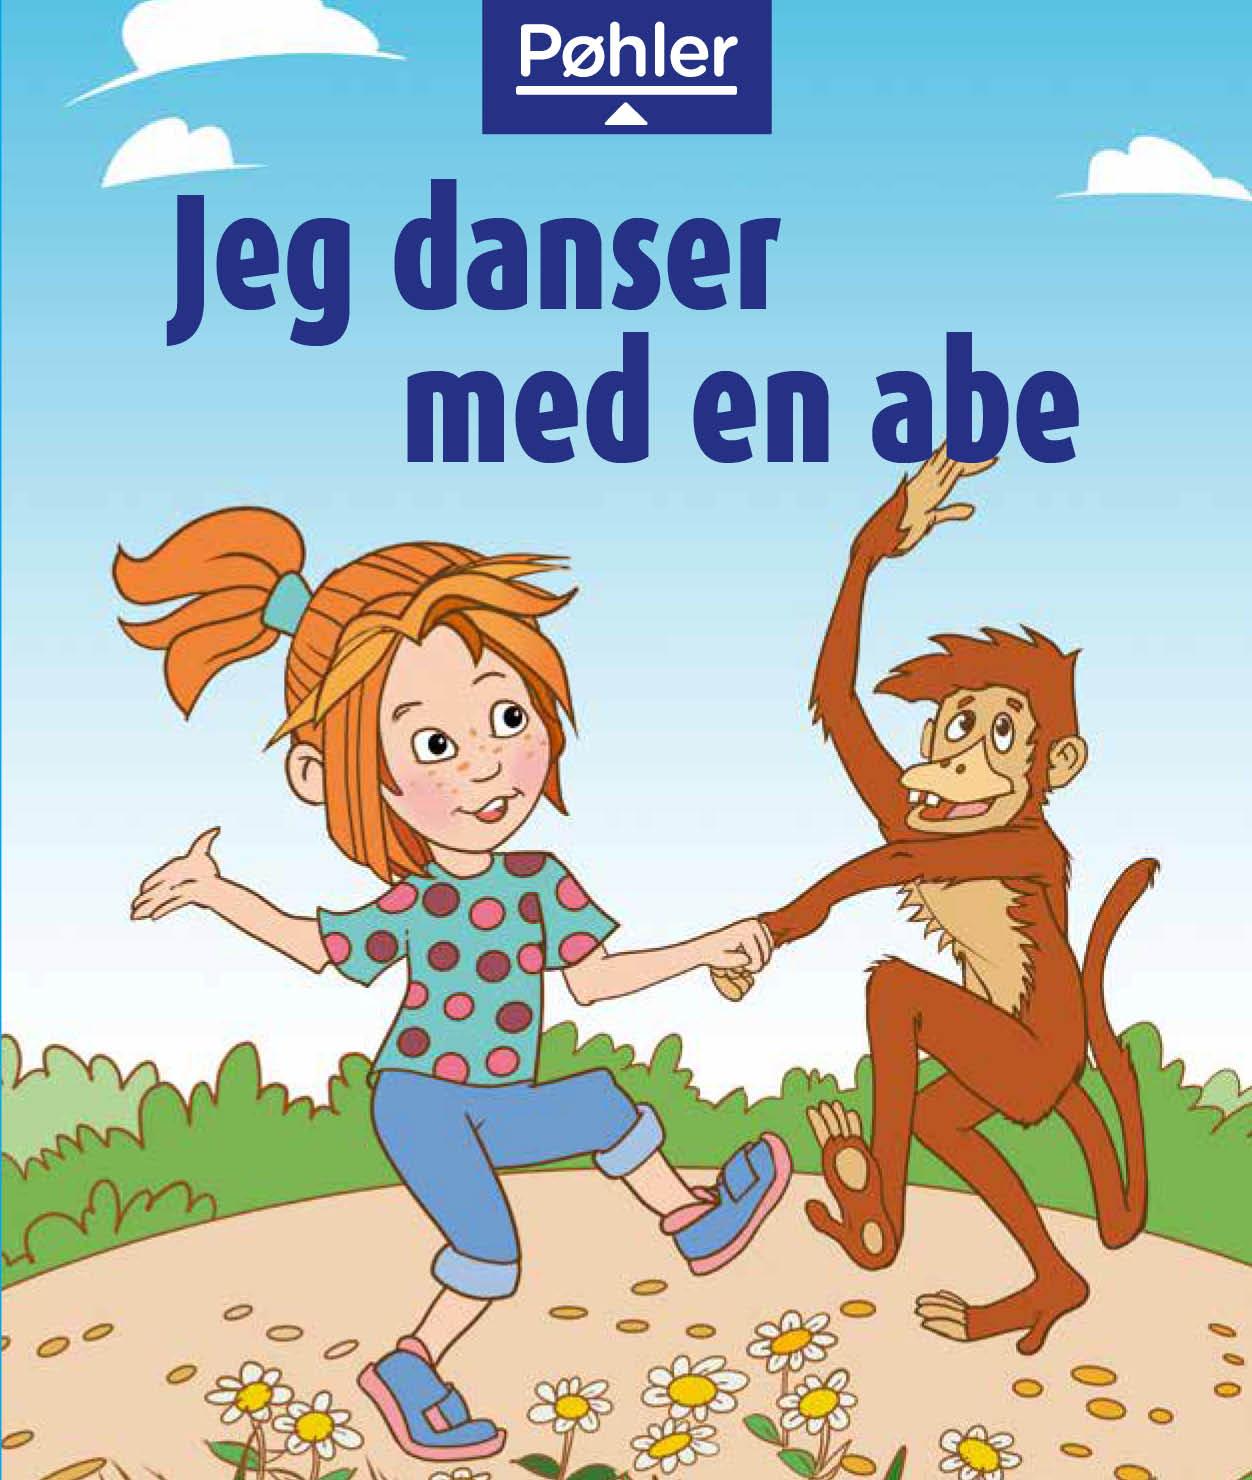 Jeg danser med en abe - forside